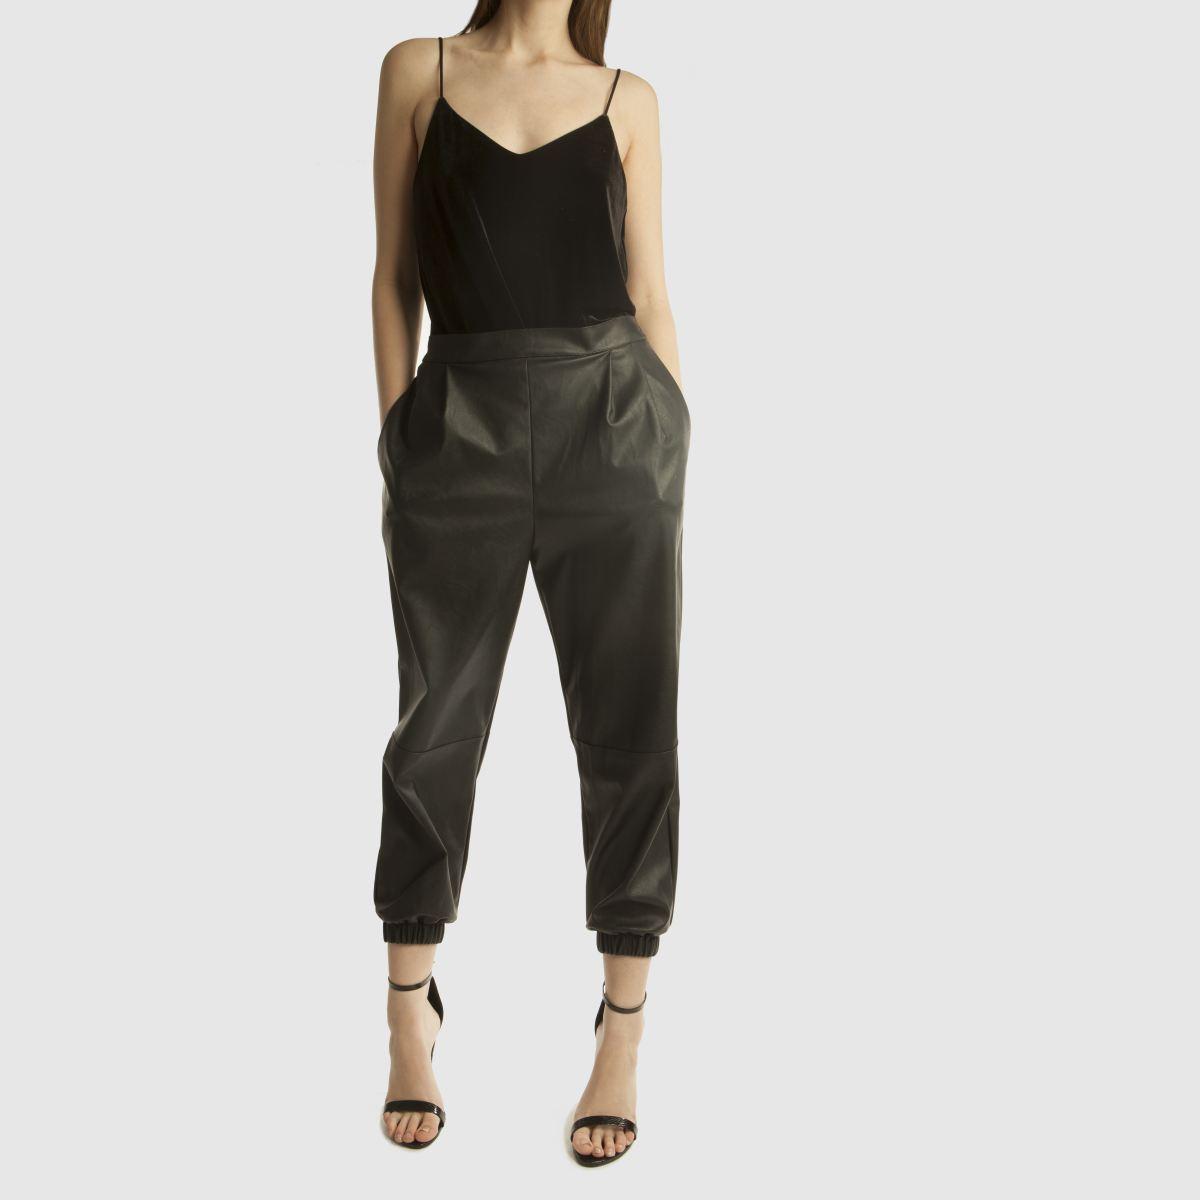 Damen Schwarz missguided Block Heel Ankle Strap High Heels | schuh Gute Qualität beliebte Schuhe